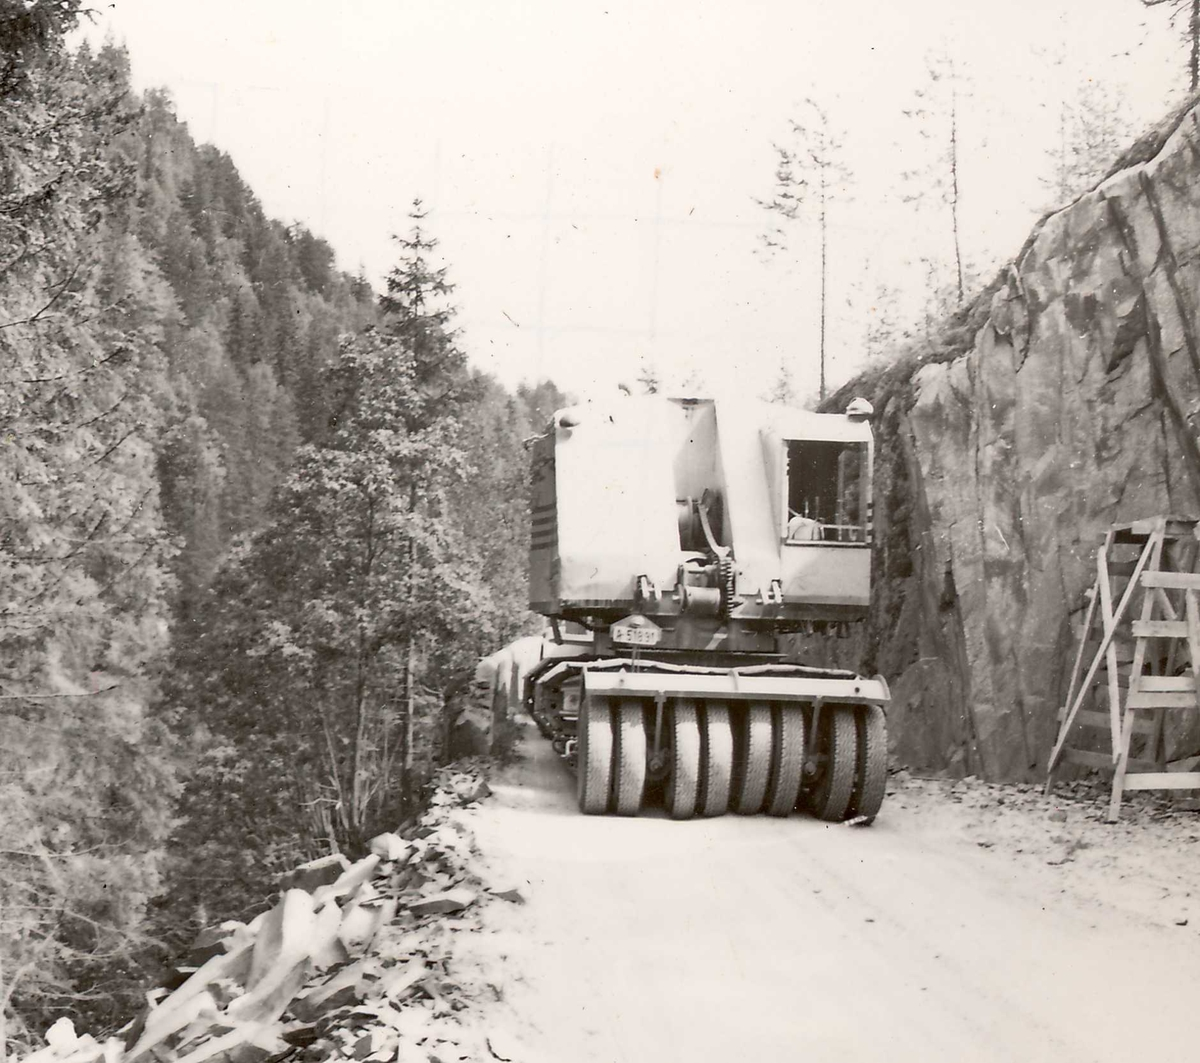 Transp Åmot- Dalen 18, juli 58